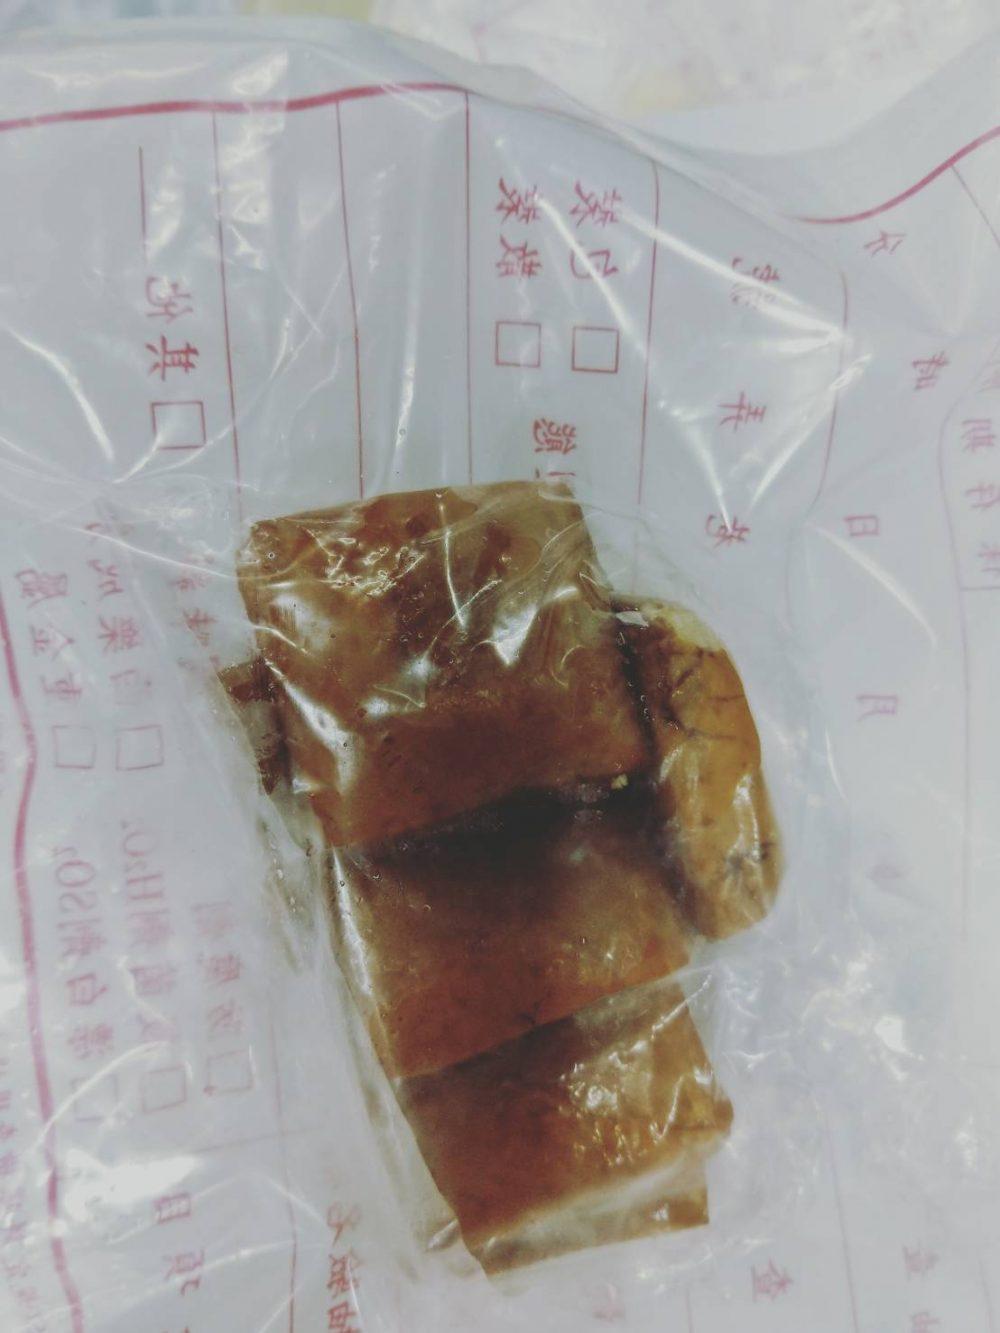 北市食安抽驗 驚見板豆腐、豆干防腐劑殺菌劑違規